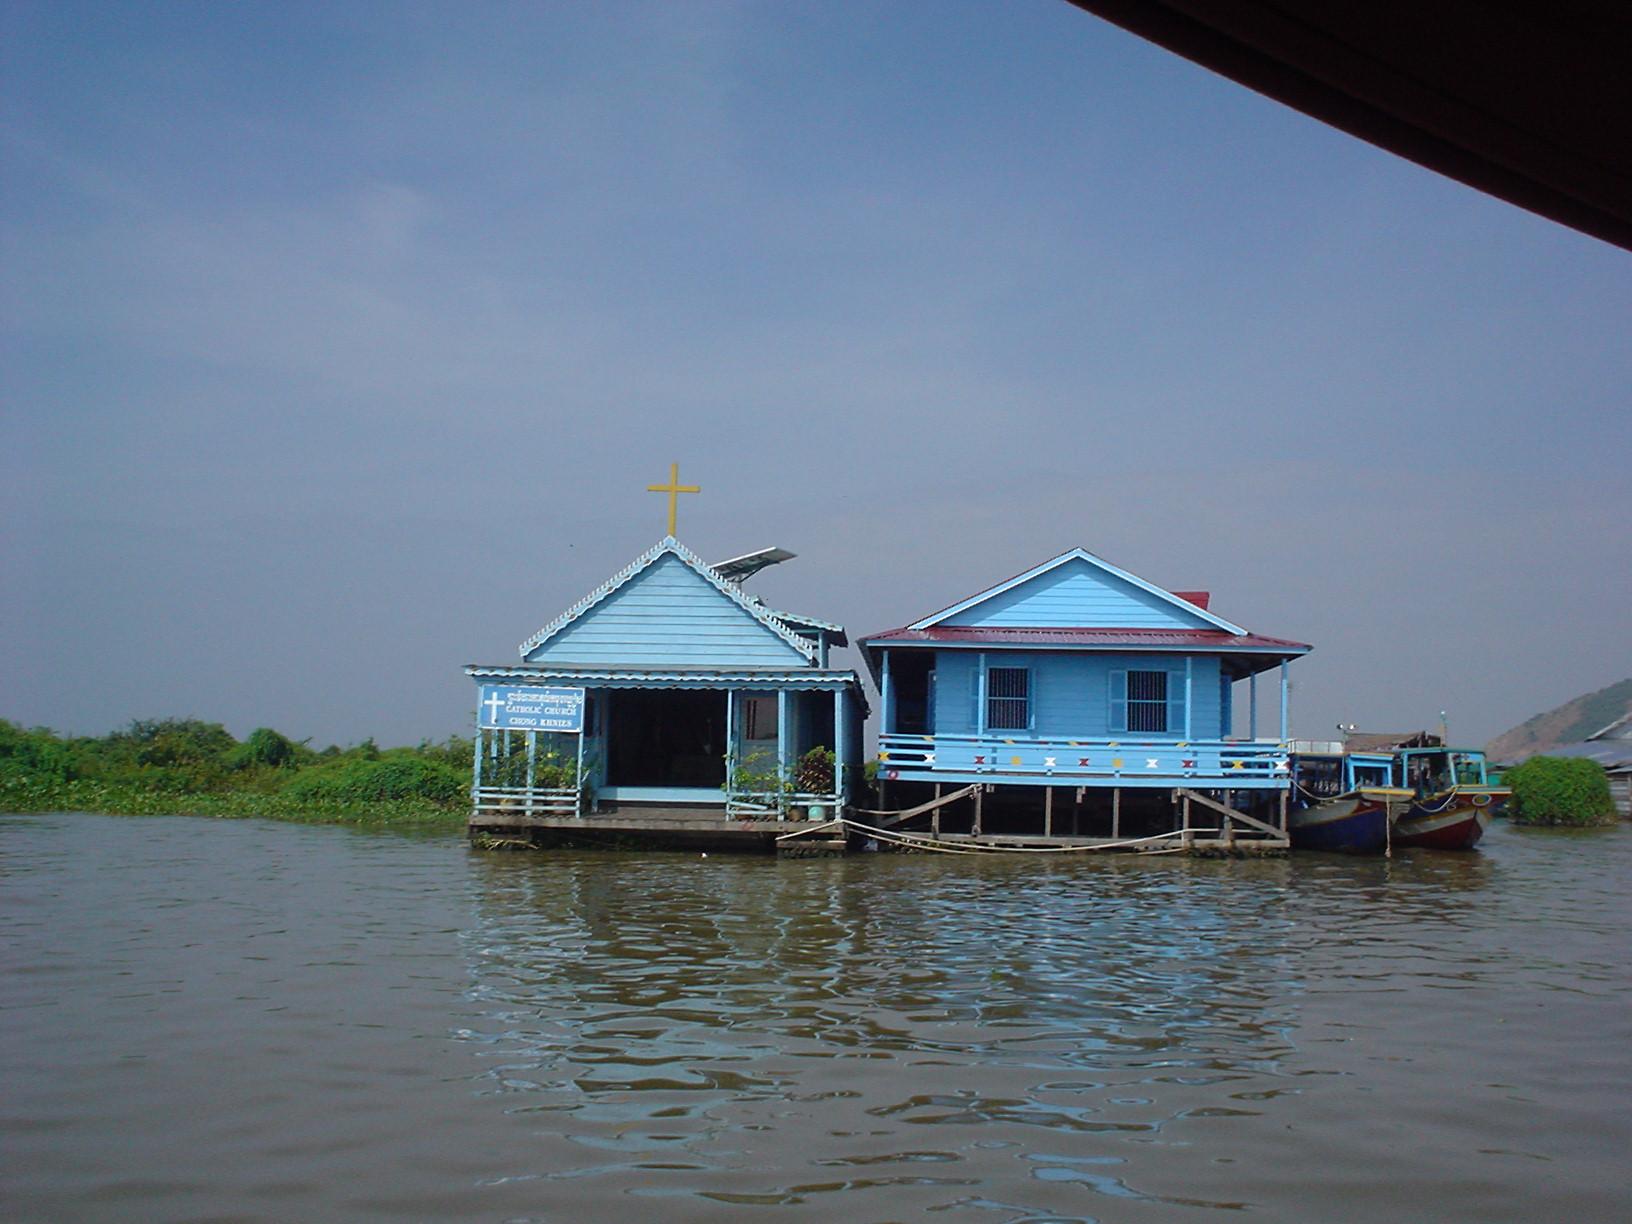 Siem Reap (Camboya) - Lago TonleSap